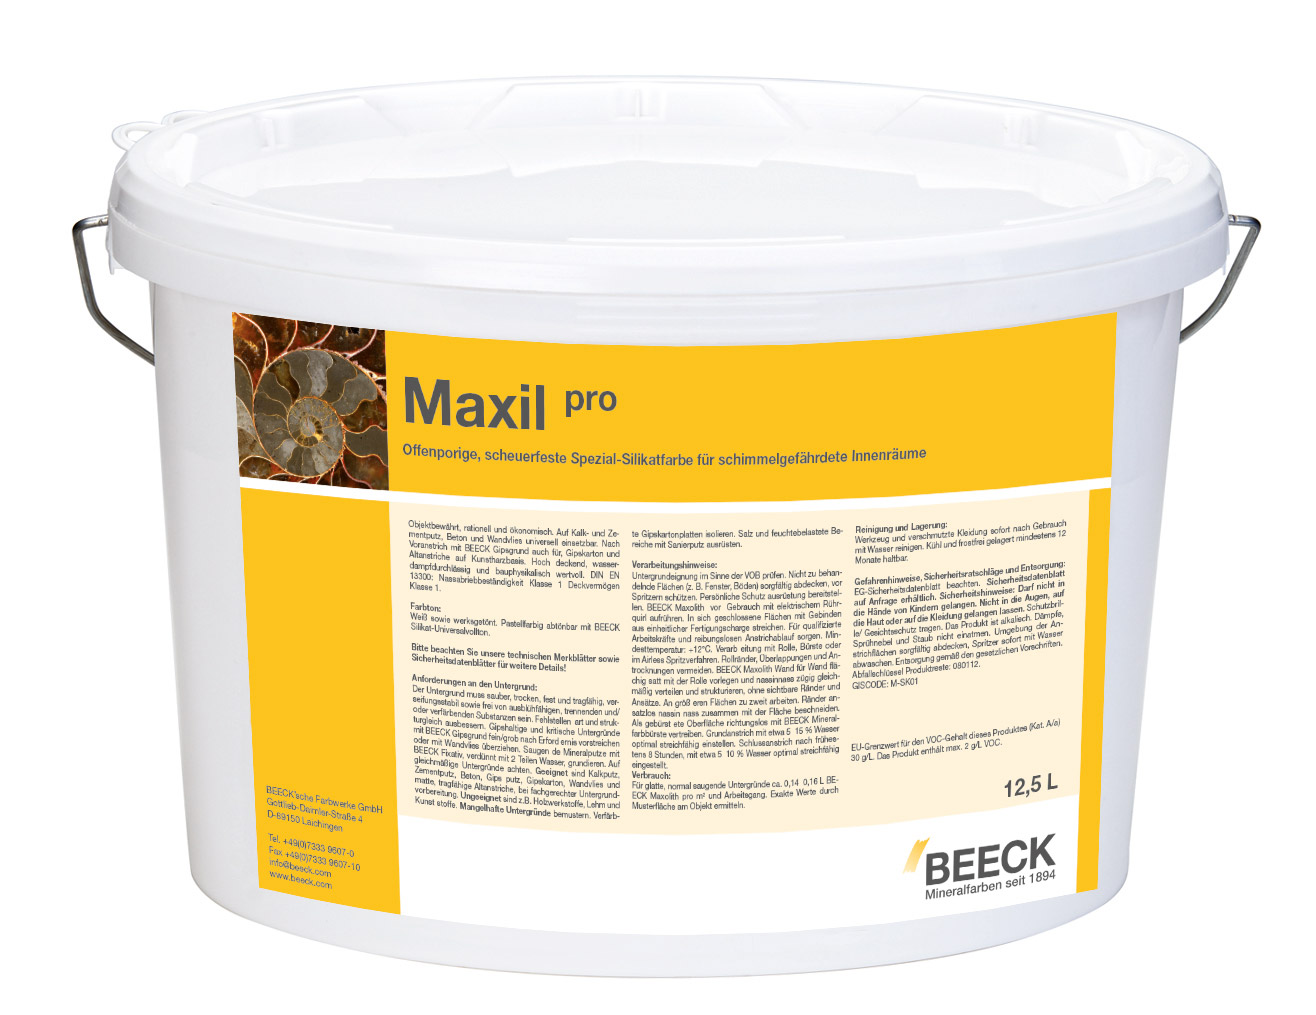 Beeck Maxil Pro (5L)